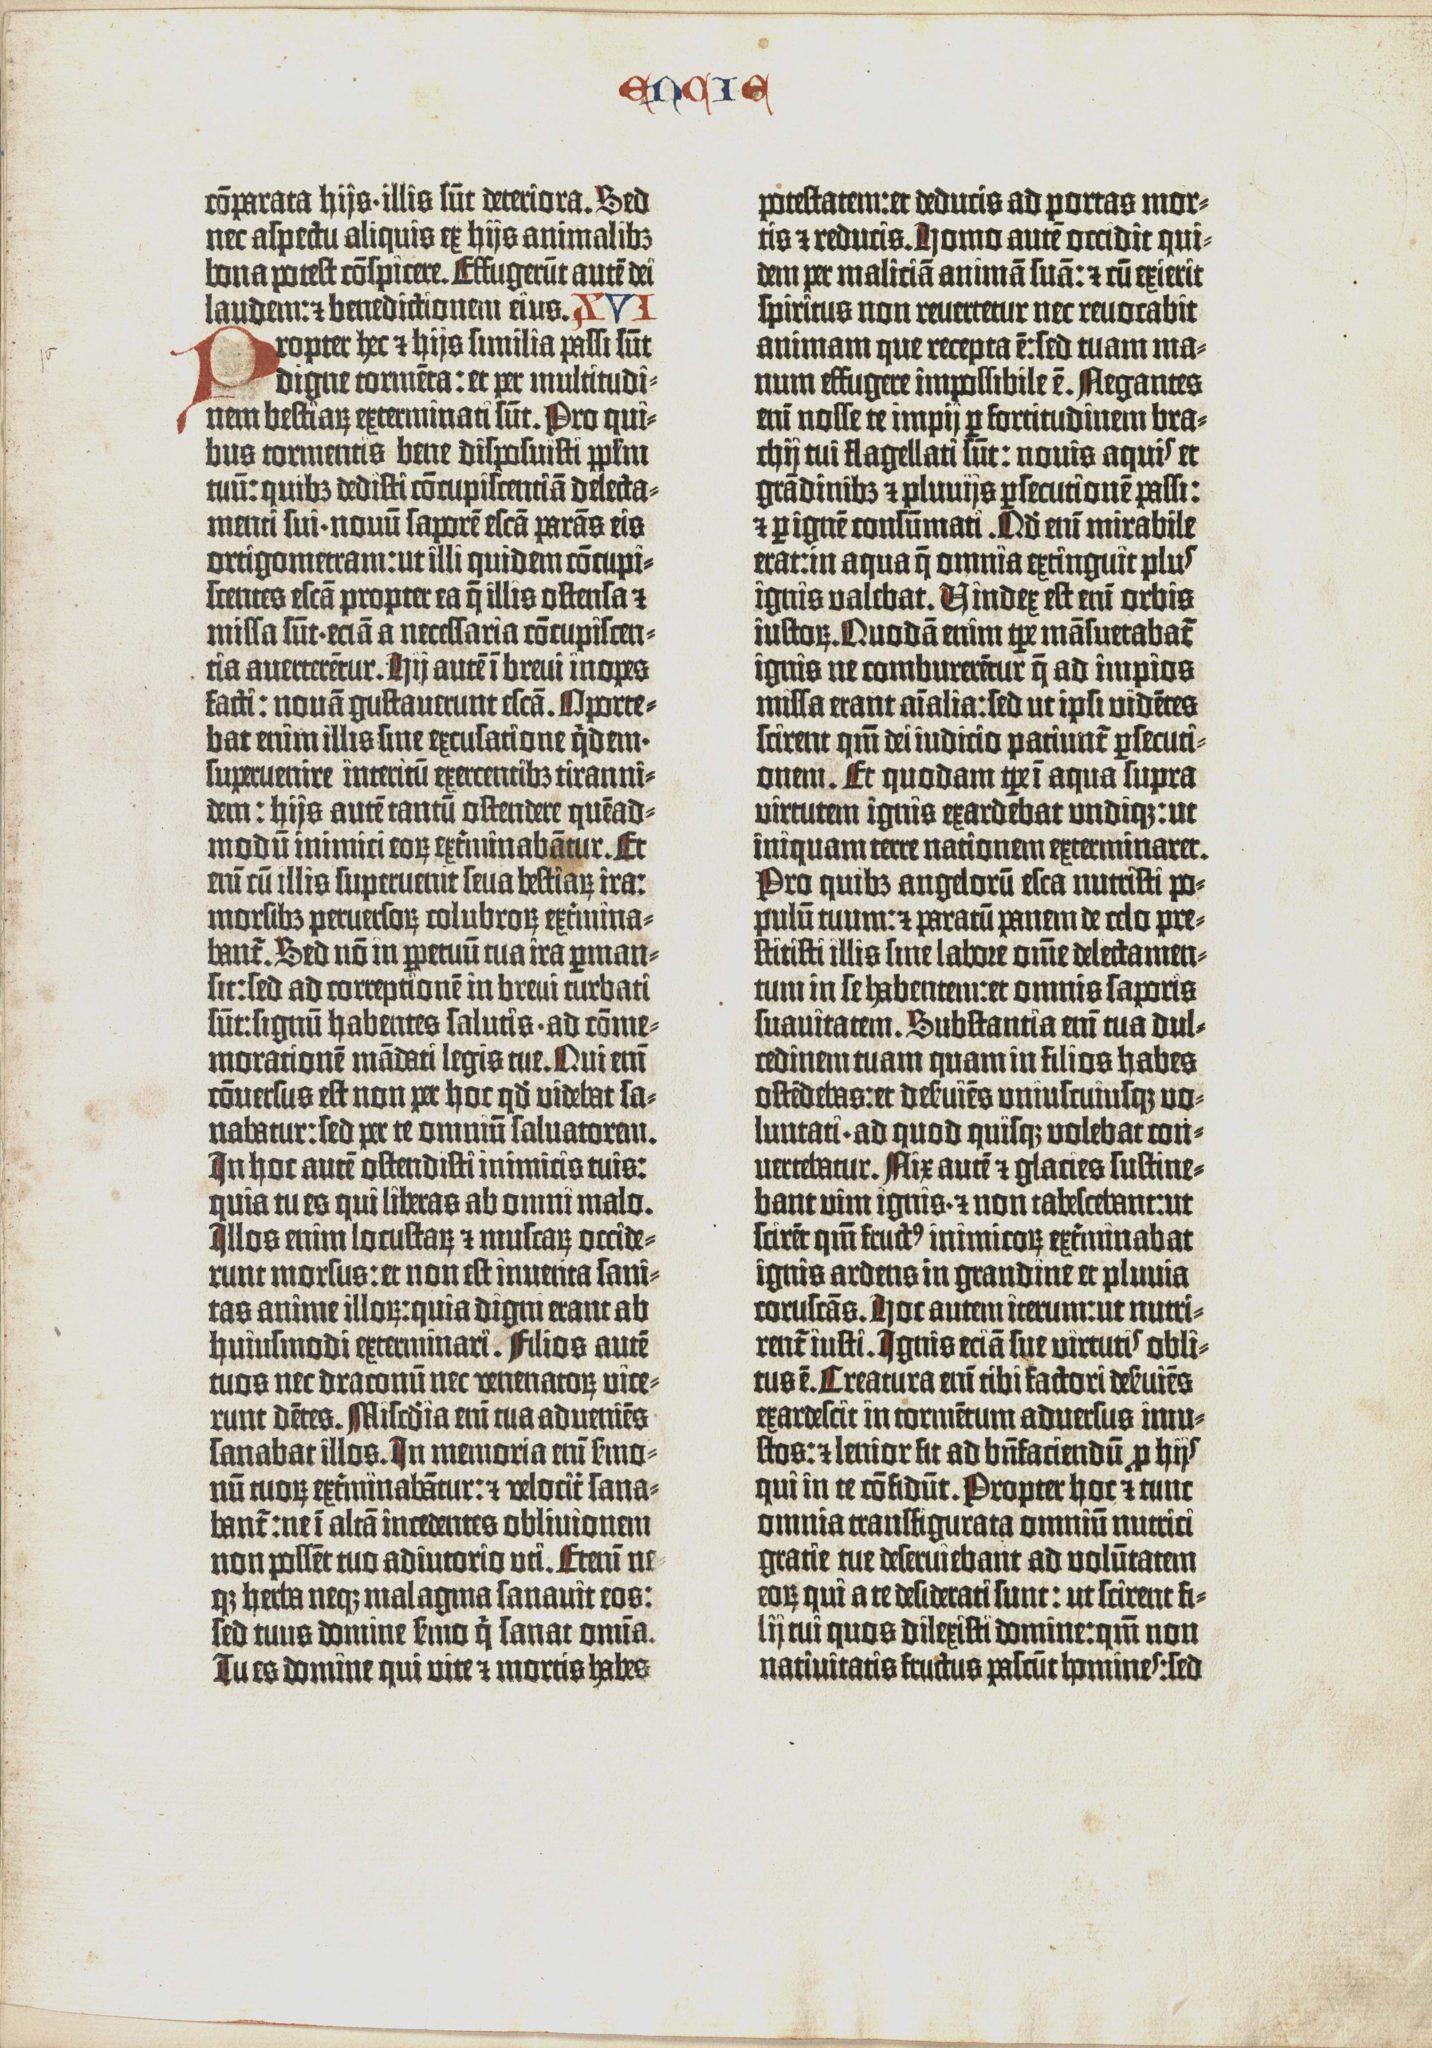 Gutenberg Bible, 1450-1455